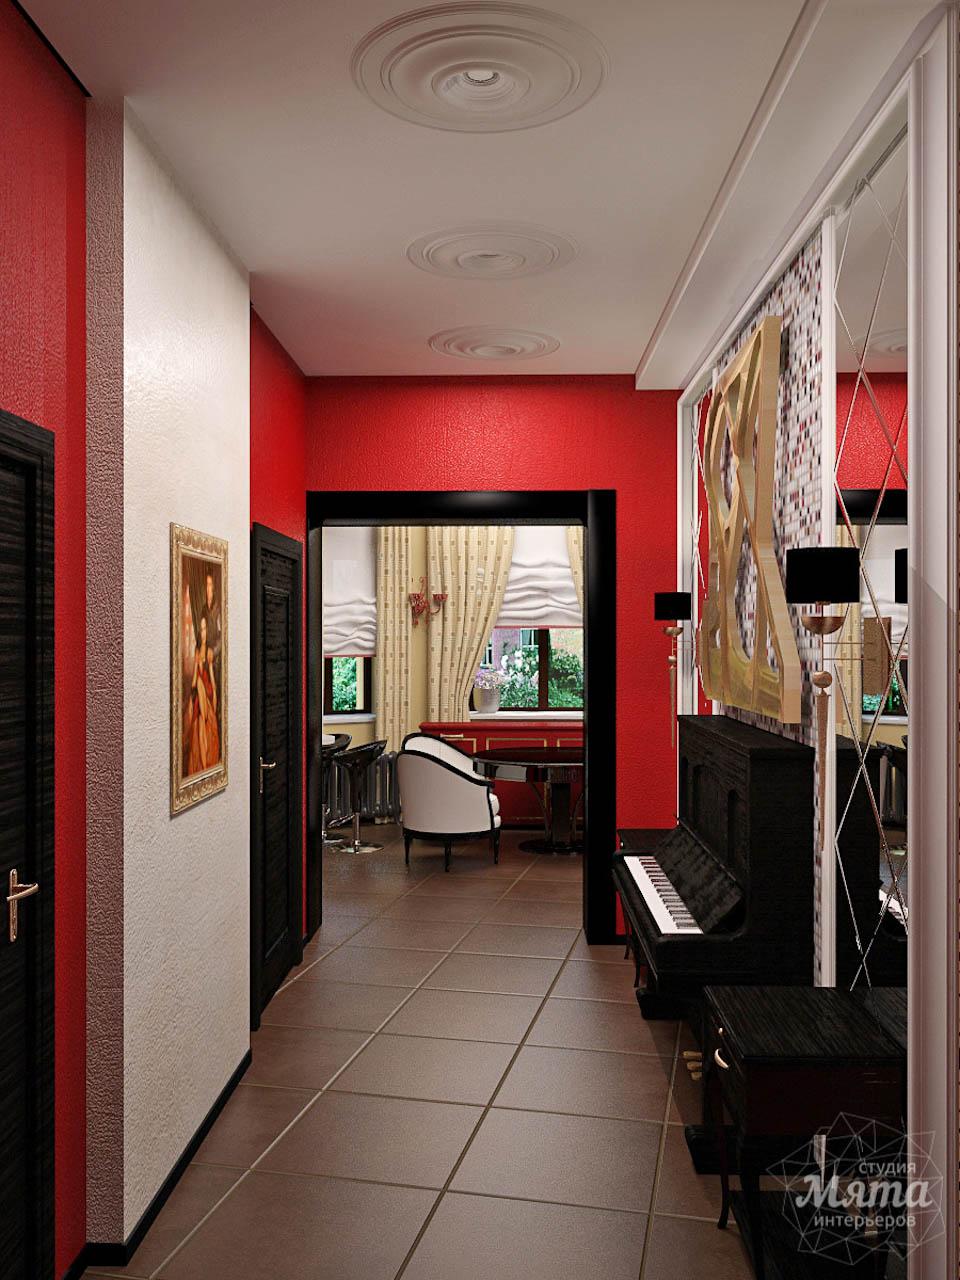 Дизайн интерьера коттеджа первого этажа по ул. Урожайная 17 img1536289331